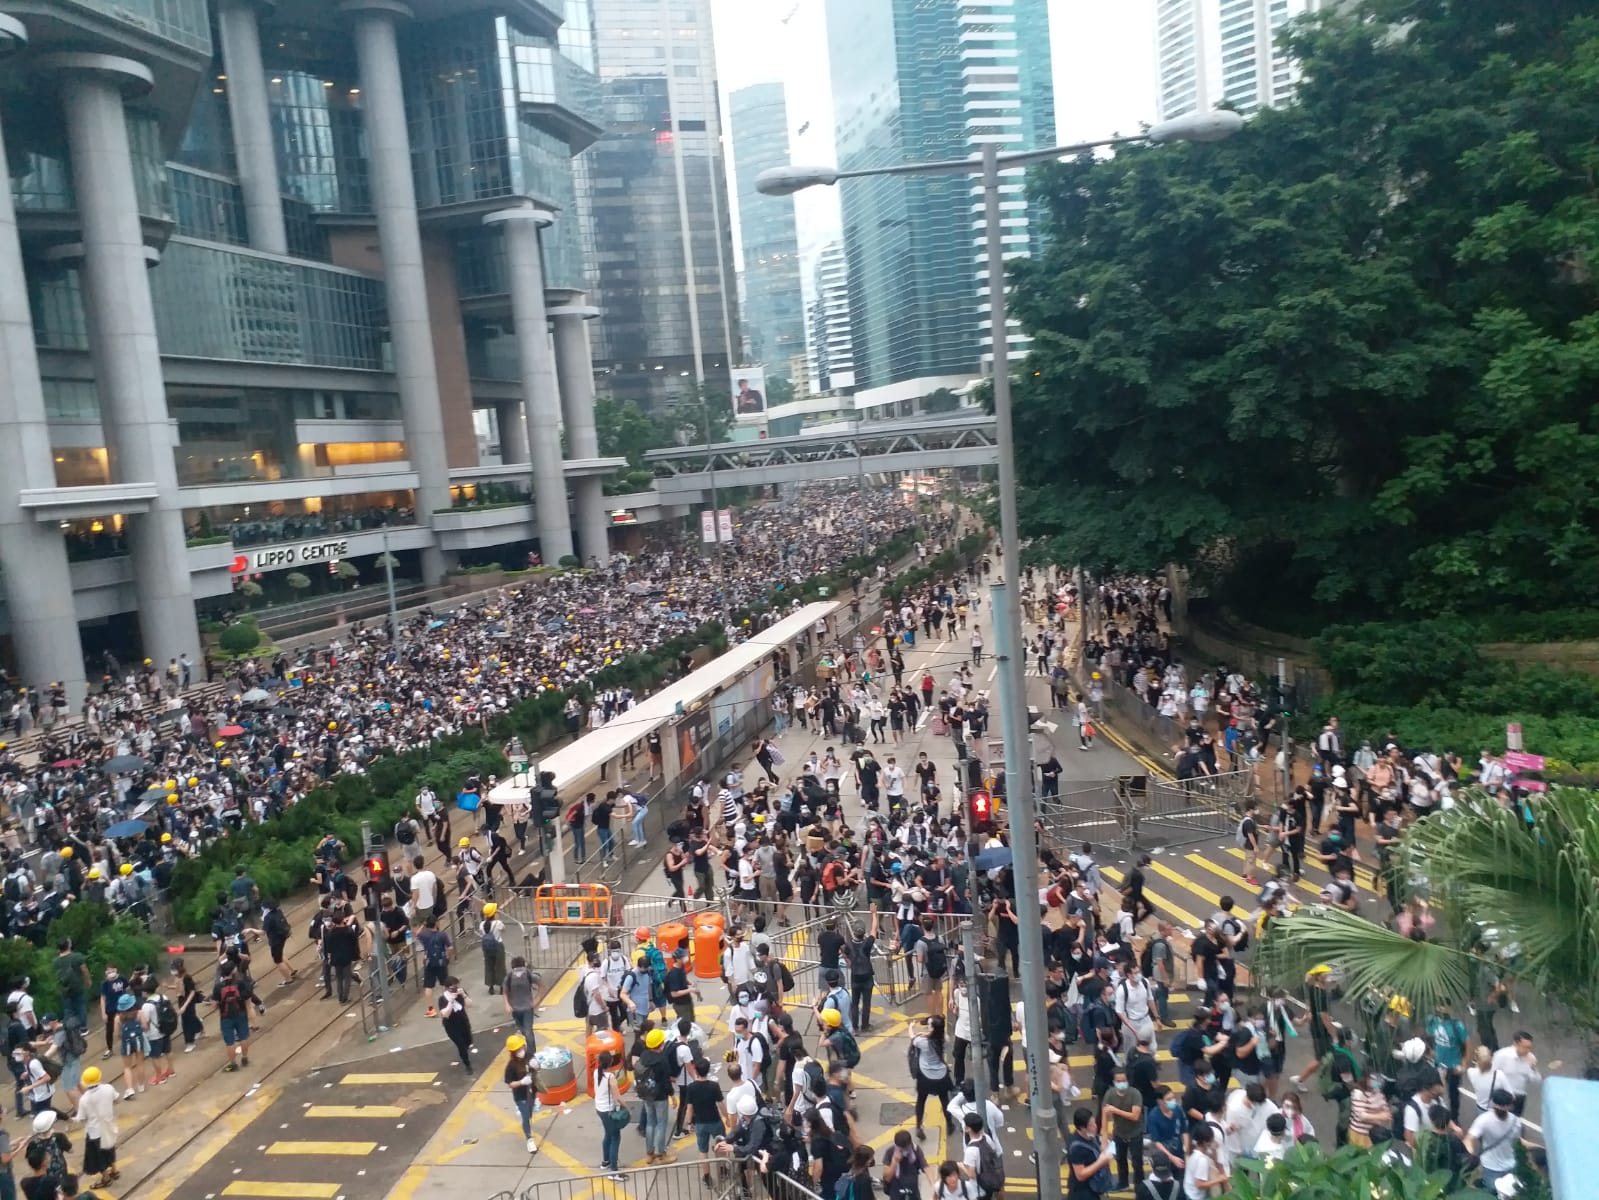 示威者向中環方向撤退。